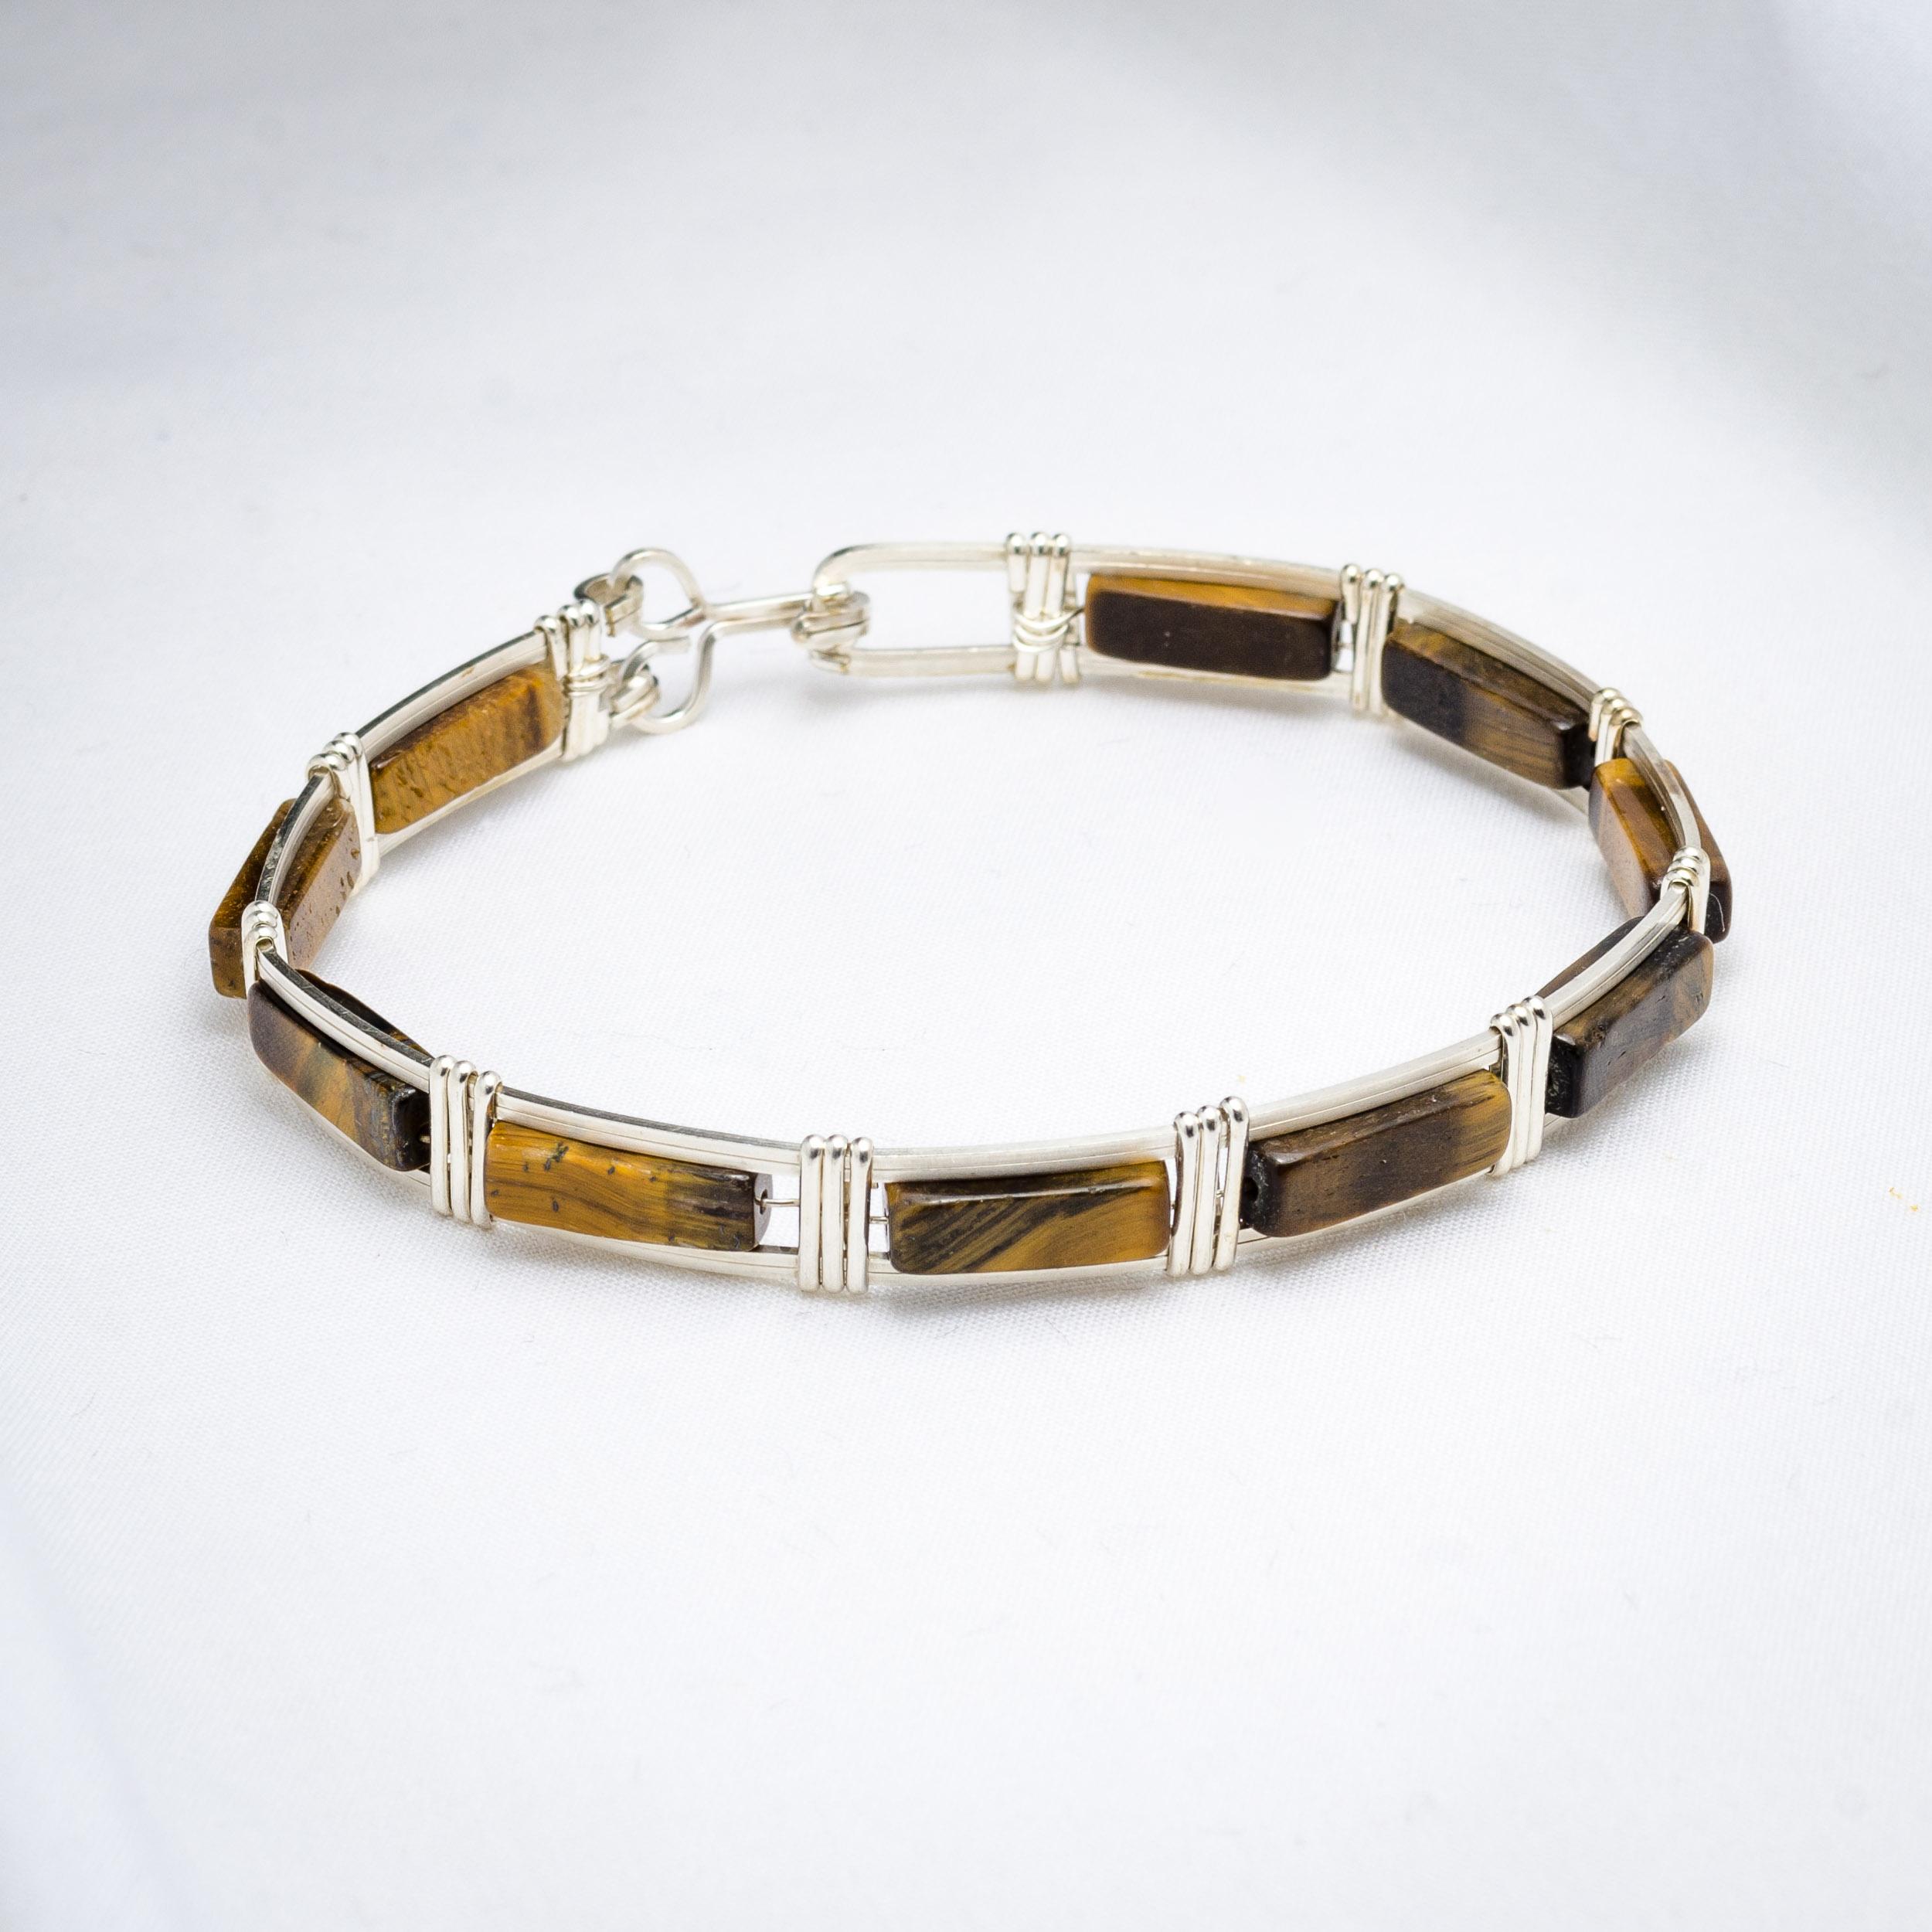 Bracelet_108.JPG